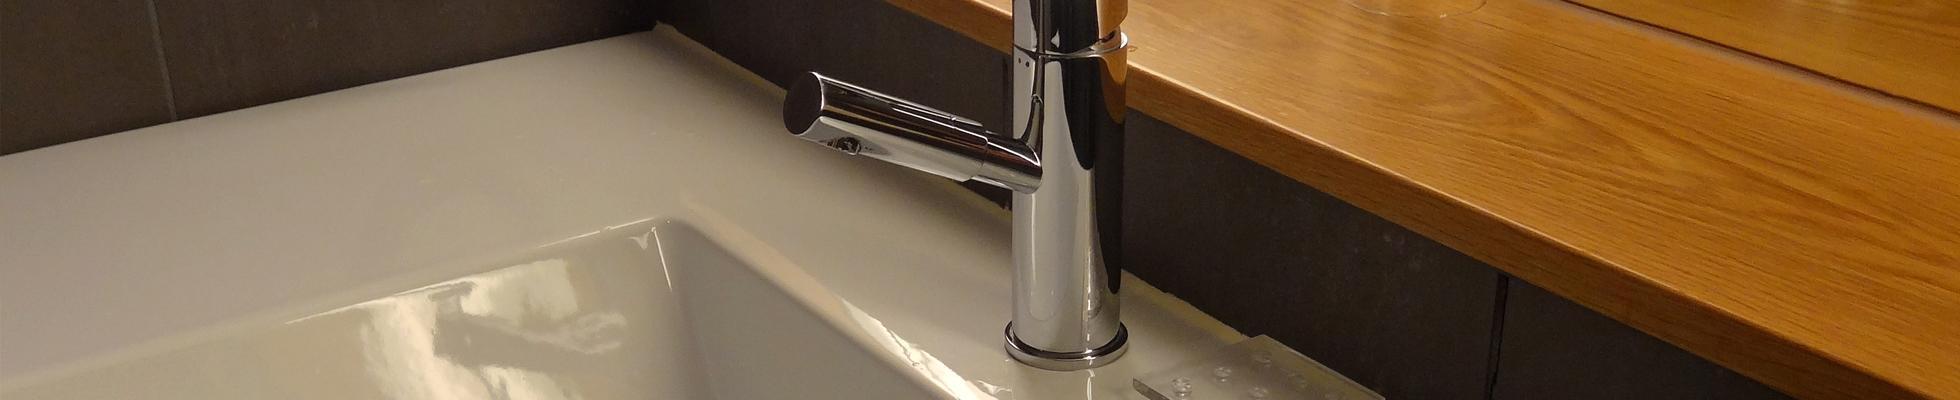 Nieuwe badkamer installeren | Badkamer specialist